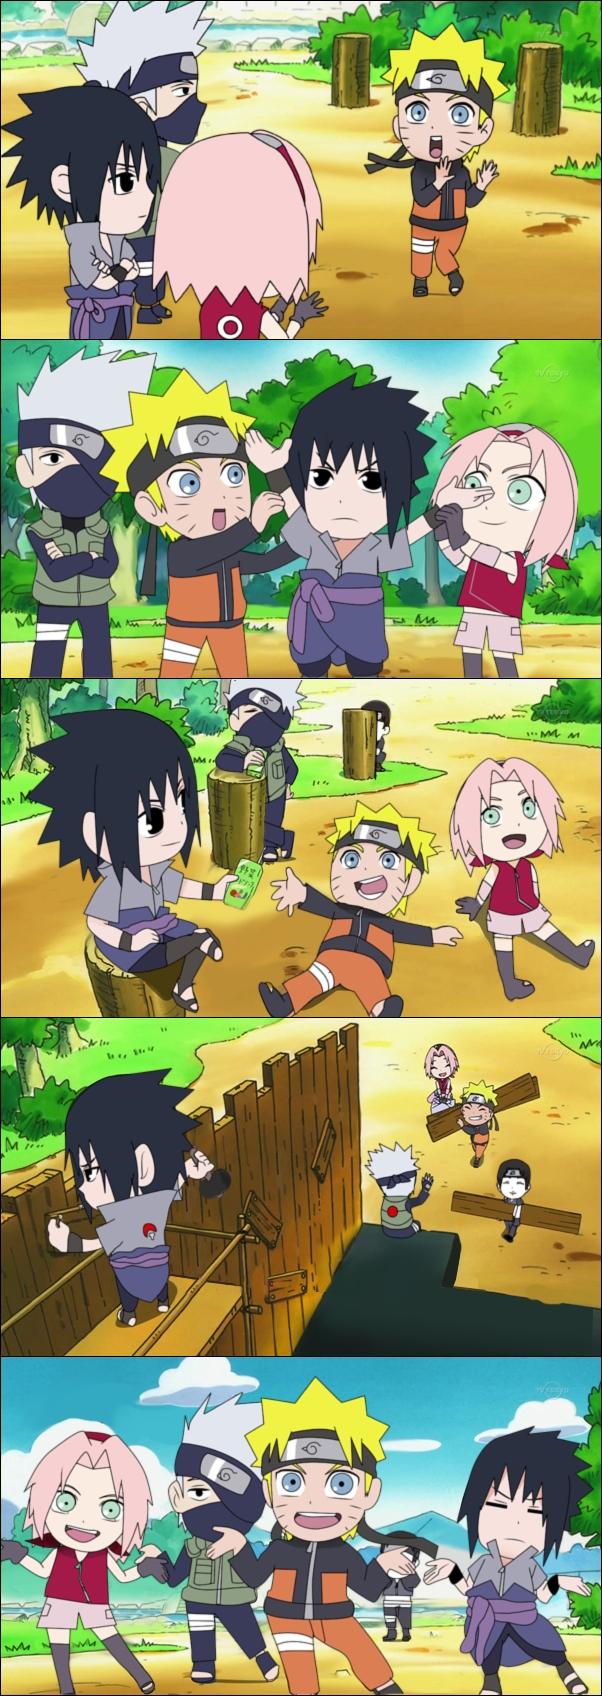 Tags: Anime, Pixiv Id 2445804, Rock Lee no Seishun Full-Power Ninden, NARUTO, Haruno Sakura, Hatake Kakashi, Sai, Uchiha Sasuke, Uzumaki Naruto, Team 7